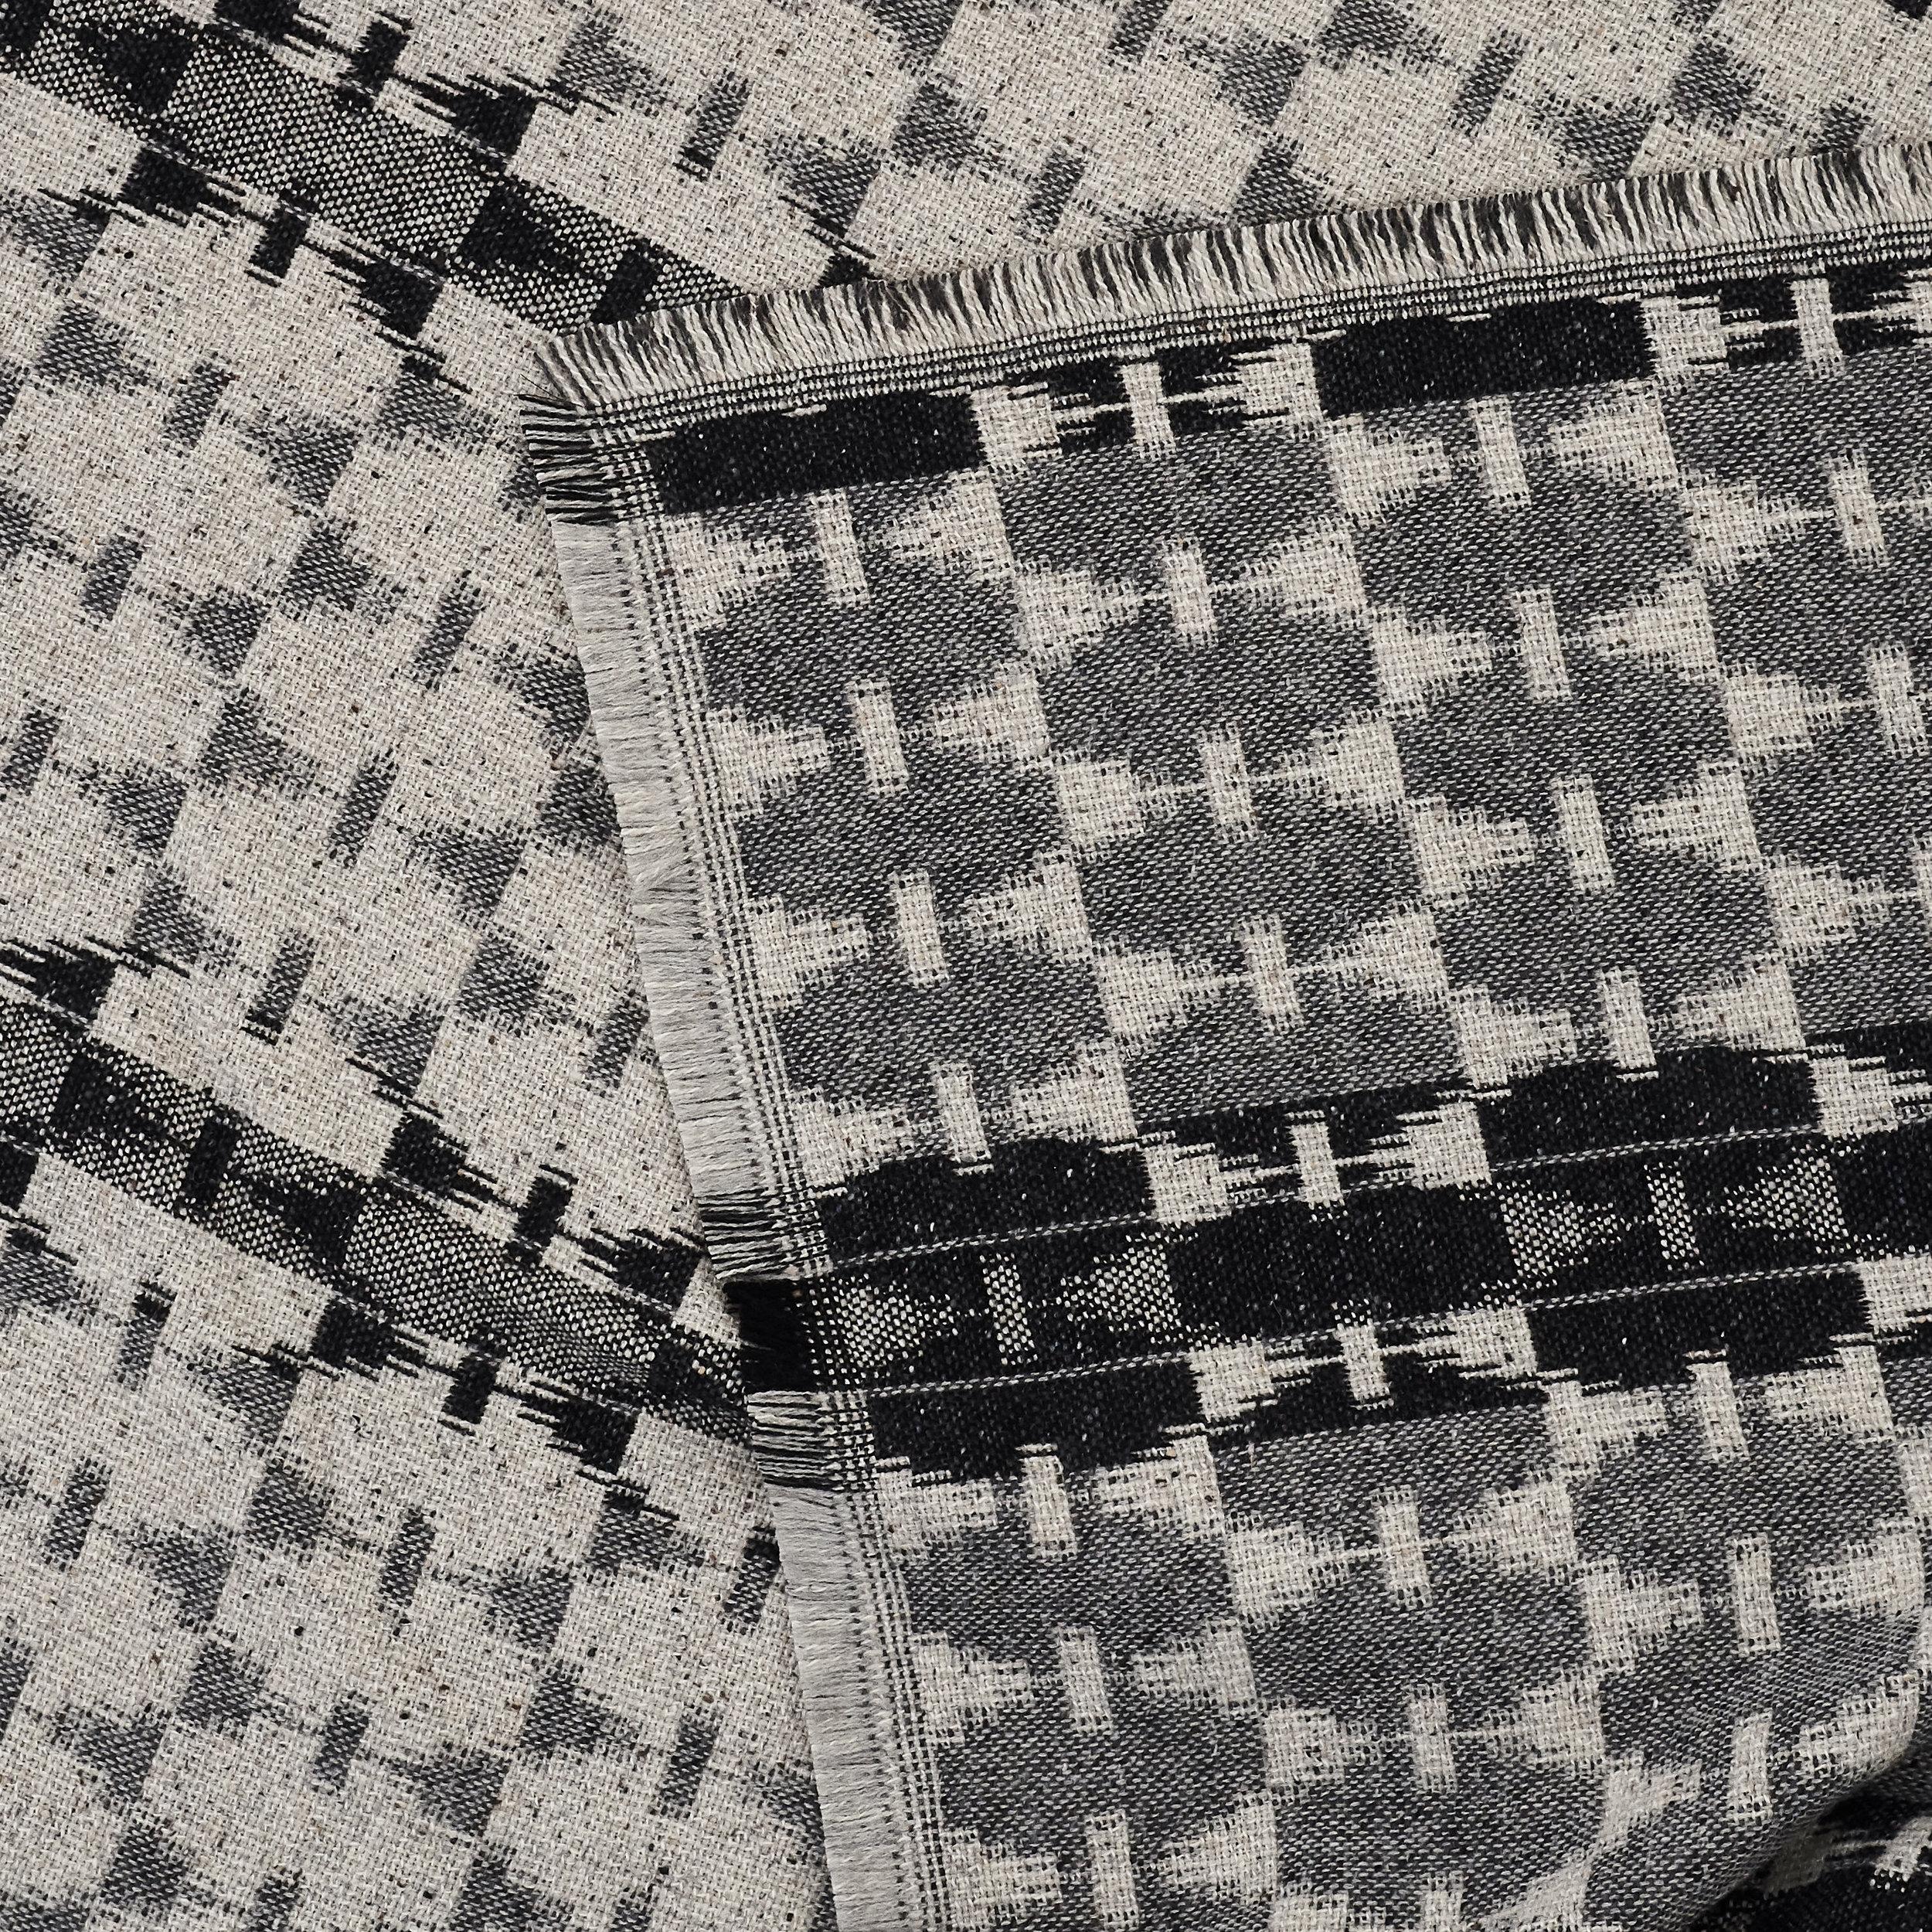 Stitch-by-Stitch-Barley-blanket-reversible.jpg